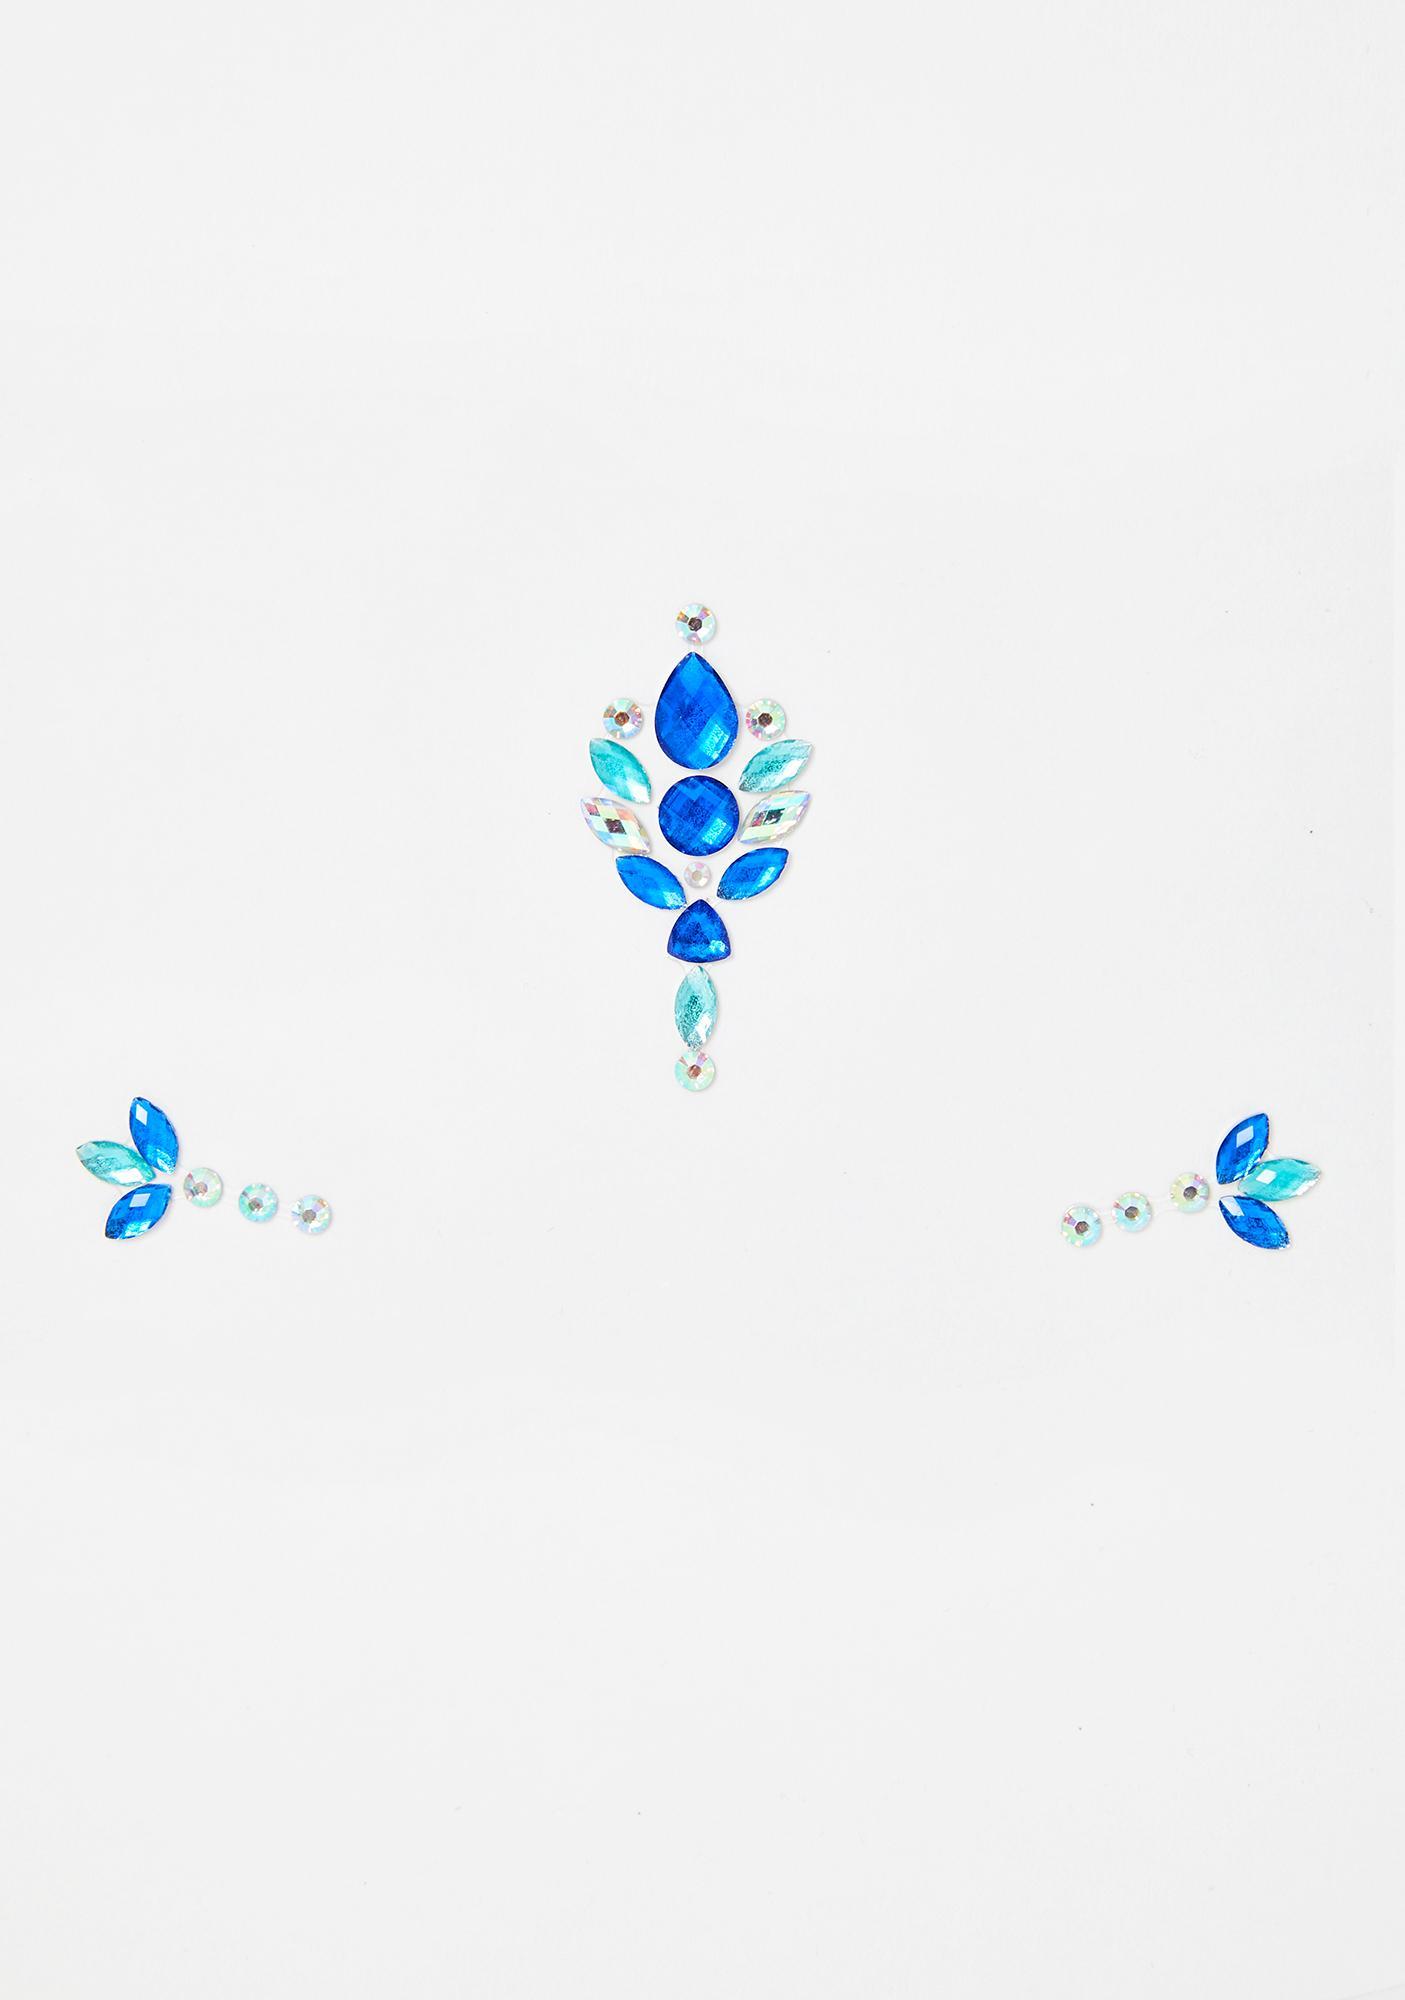 Lunautics Bora Bora UV Cosmic Crystals